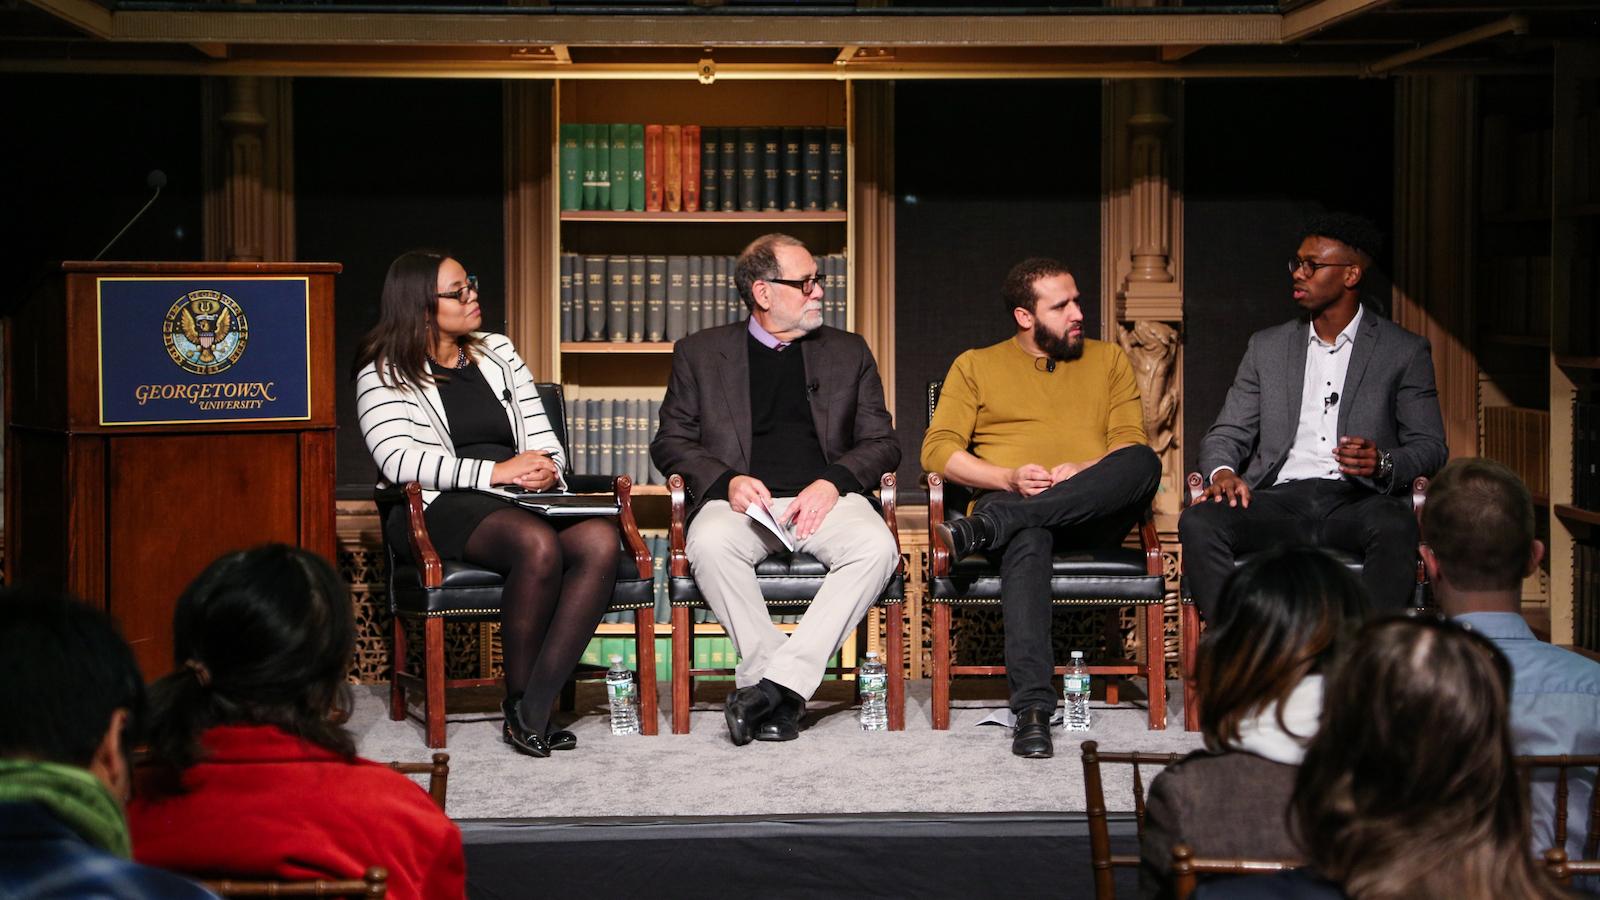 Panelists listen as Teddy Washington describes his experiences